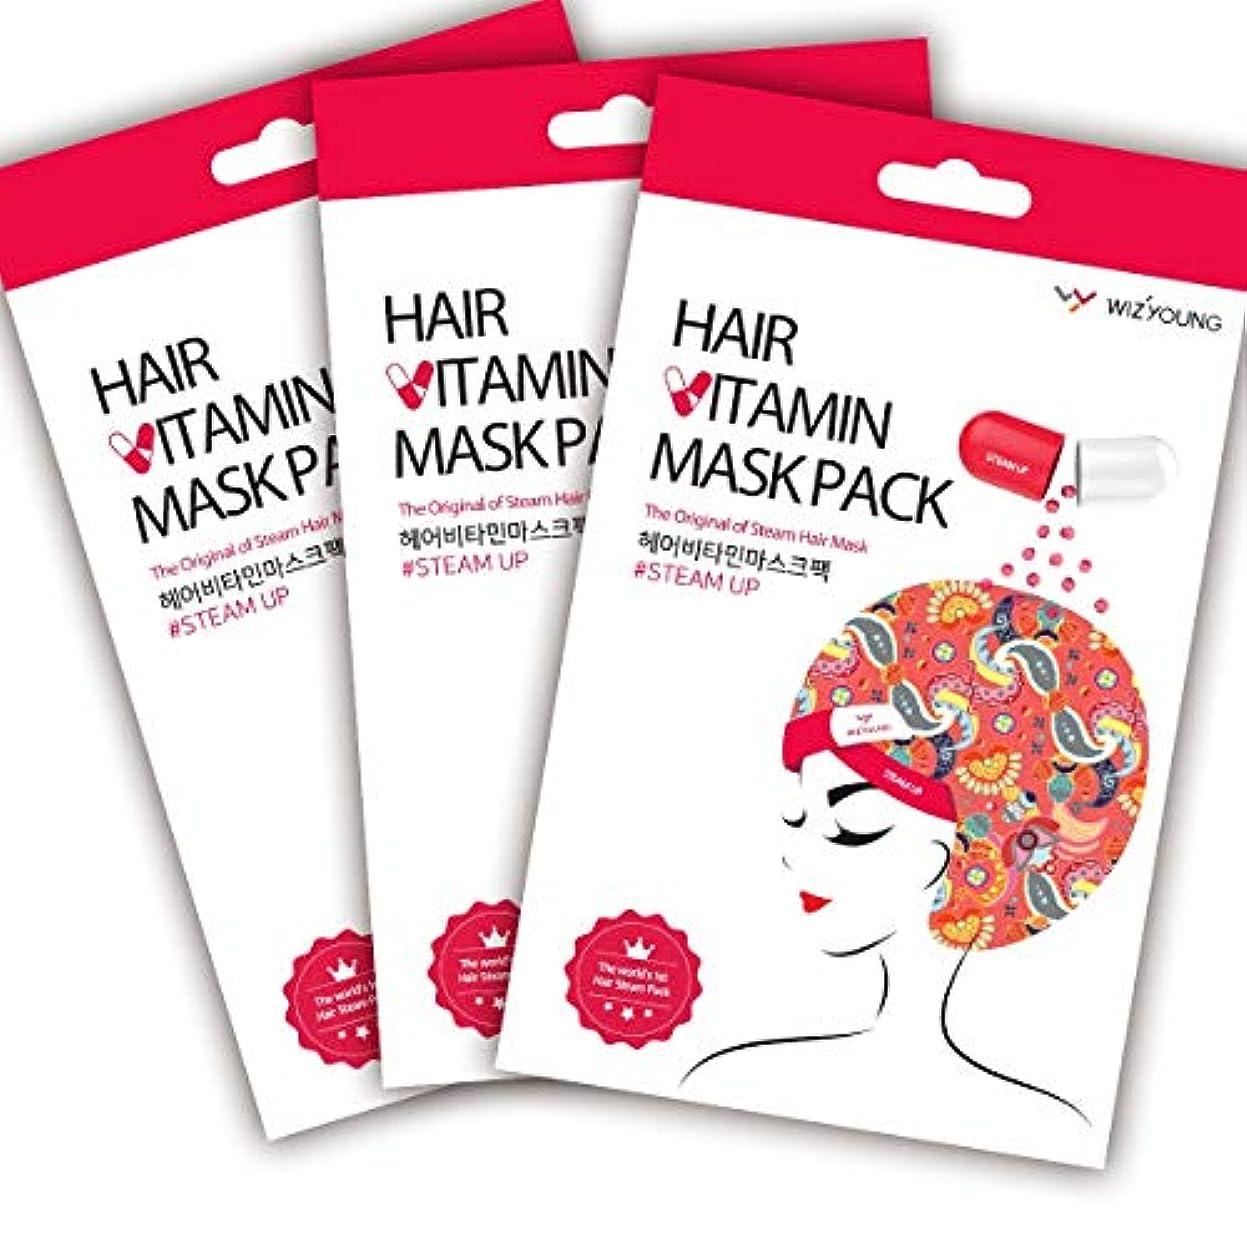 ポテト美徳贅沢ヘアビタミンマスクパック スチームアップ 3パックセット HAIR VITAMIN MASK PACK STEAM UP